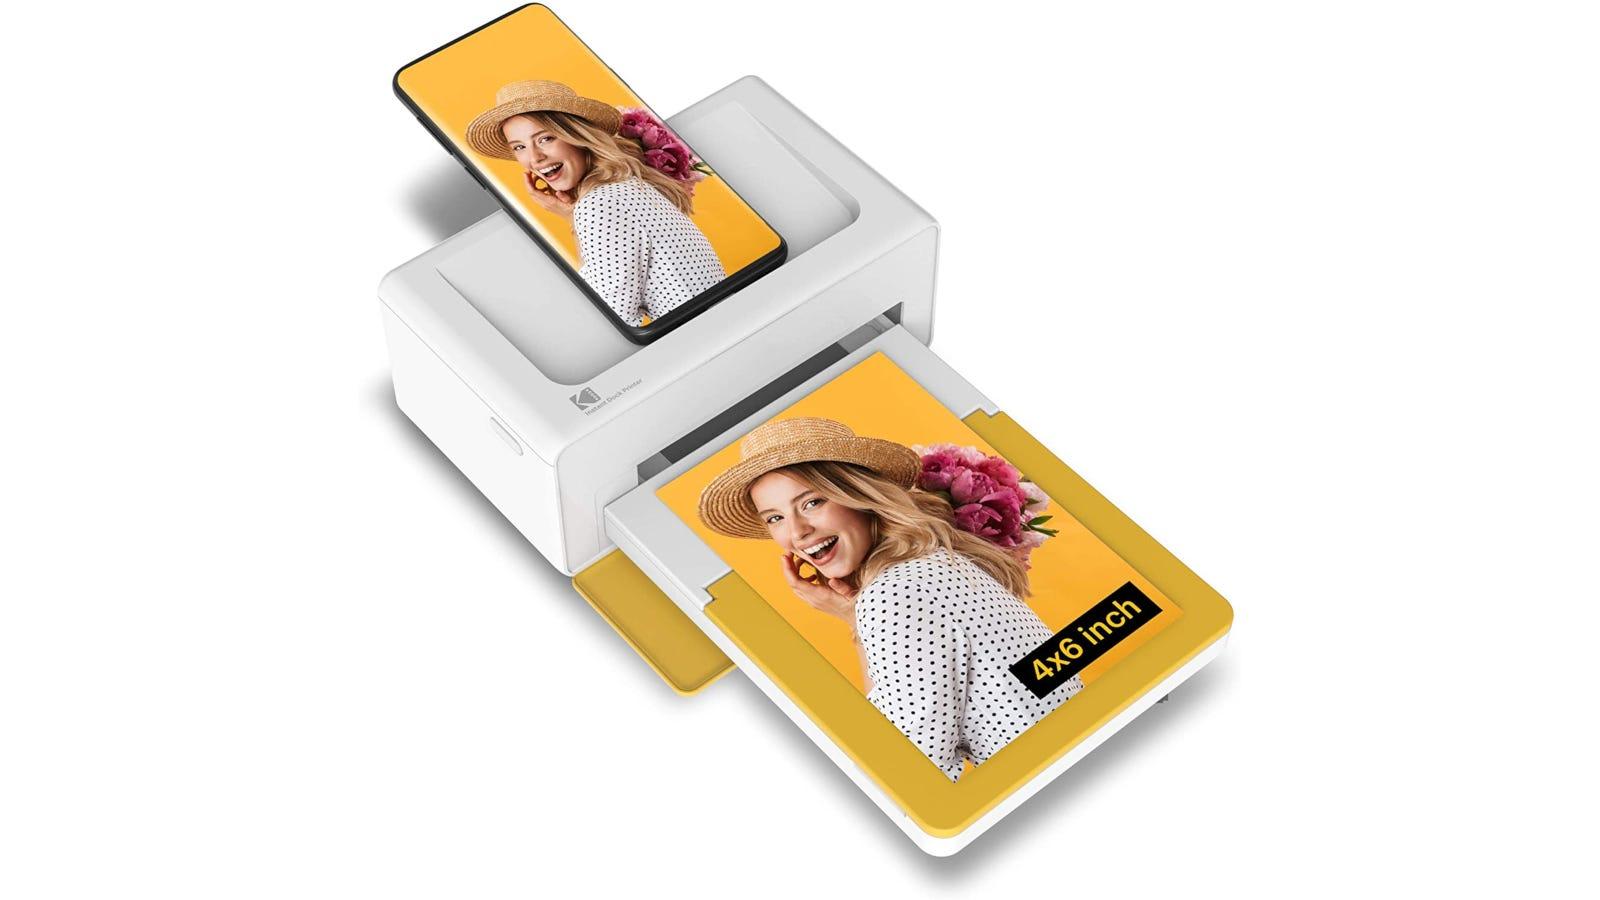 White smartphone compatible mini photo printer for 4x6-inch photo prints